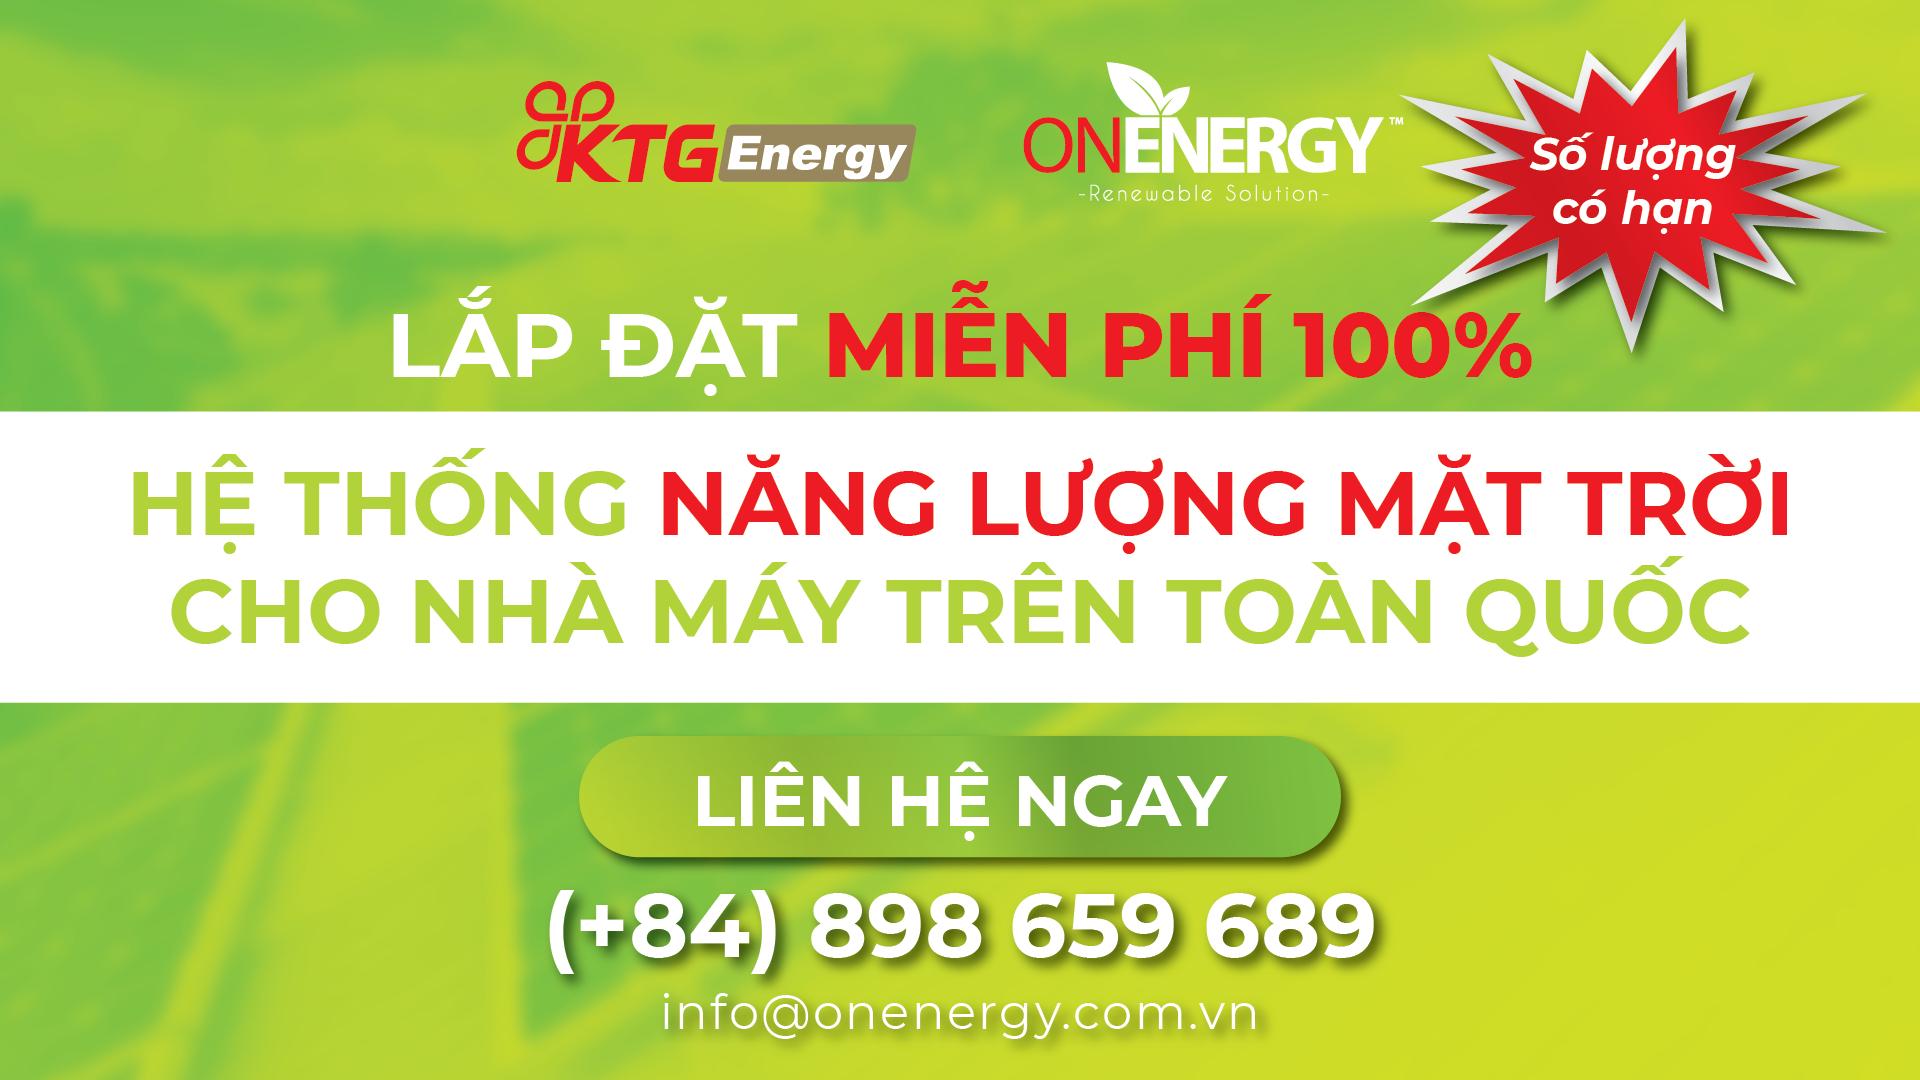 KTG Energy tư vấn lắp đặt miễn phí 100% hệ thống năng lượng mặt trời cho nhà máy trên toàn quốc